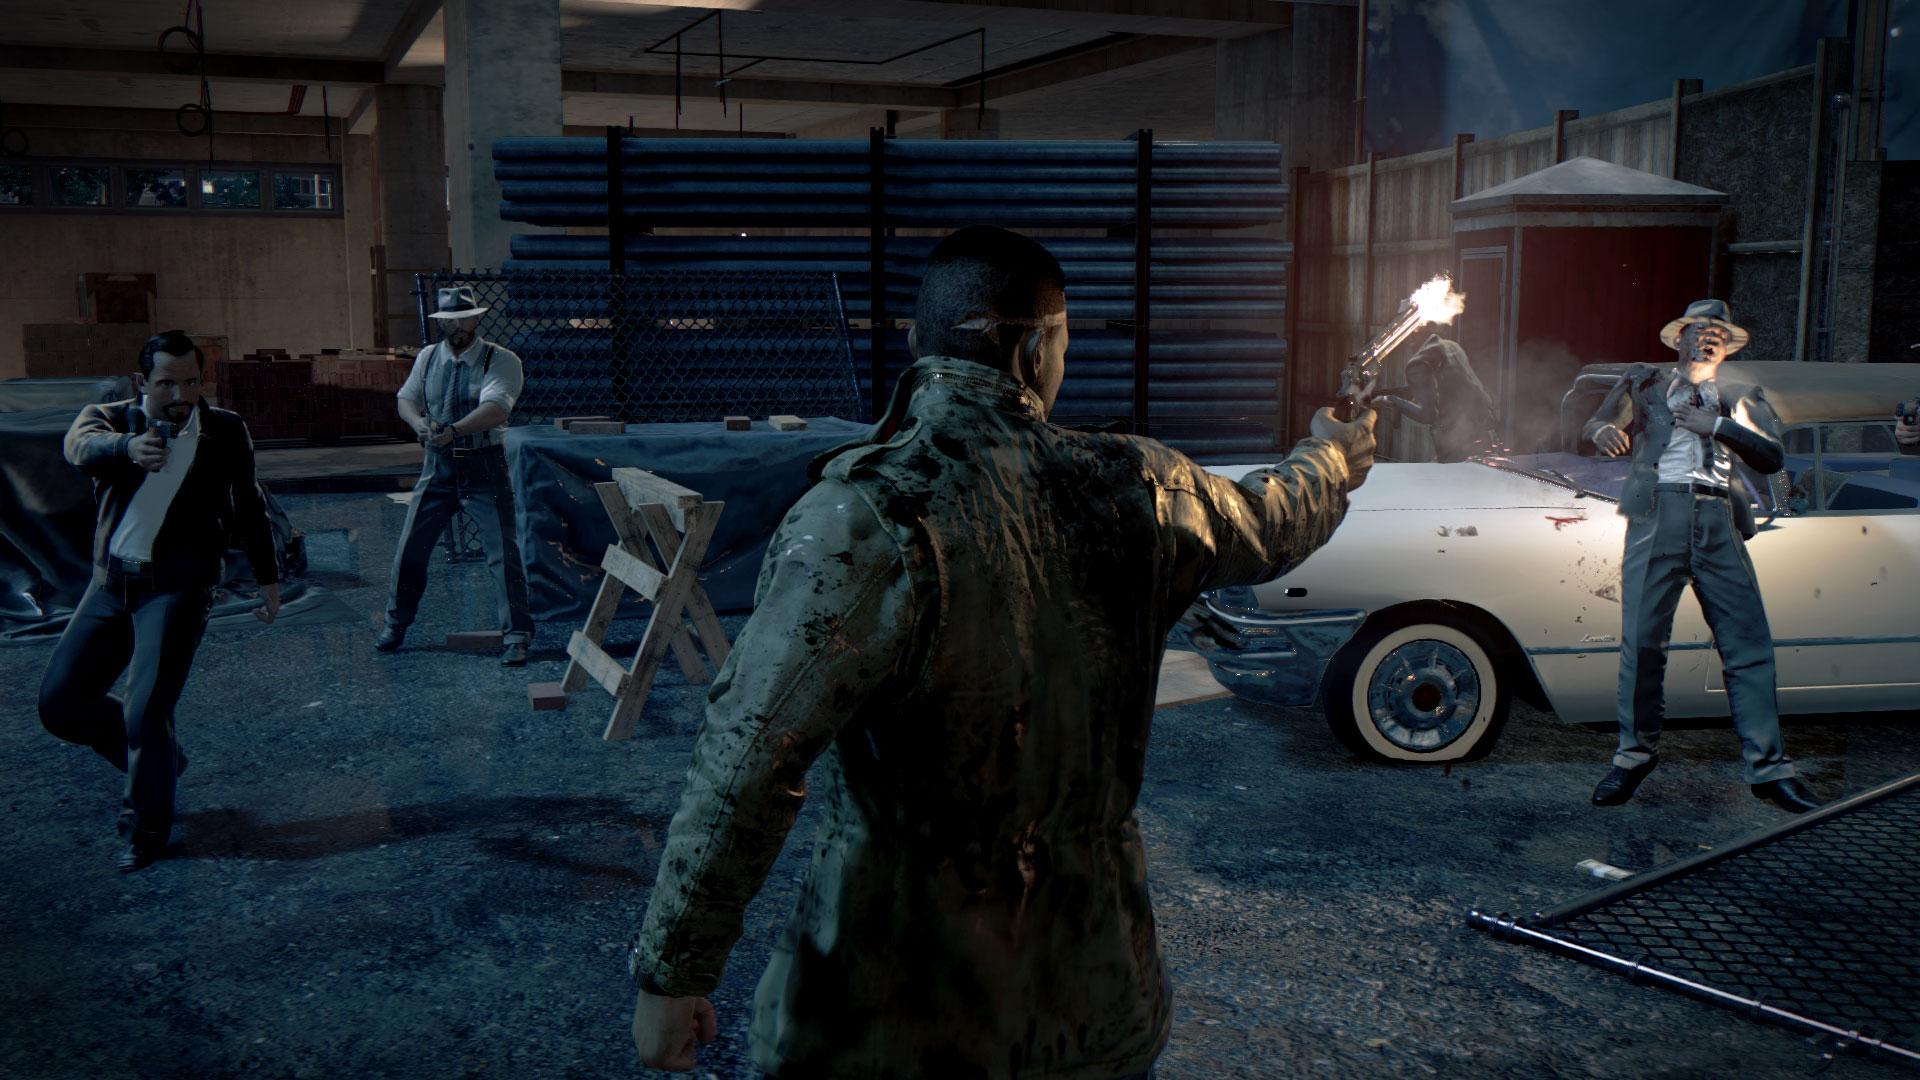 """Open-World-Action á la """"GTA"""" in den 70er-Jahren: """"Mafia 3"""" zitiert üppig aus der zeitgenössischen Popkultur und wartet mit raffinierten Stealth-Elementen auf. (7.10. für PS4, XBO, PC)"""